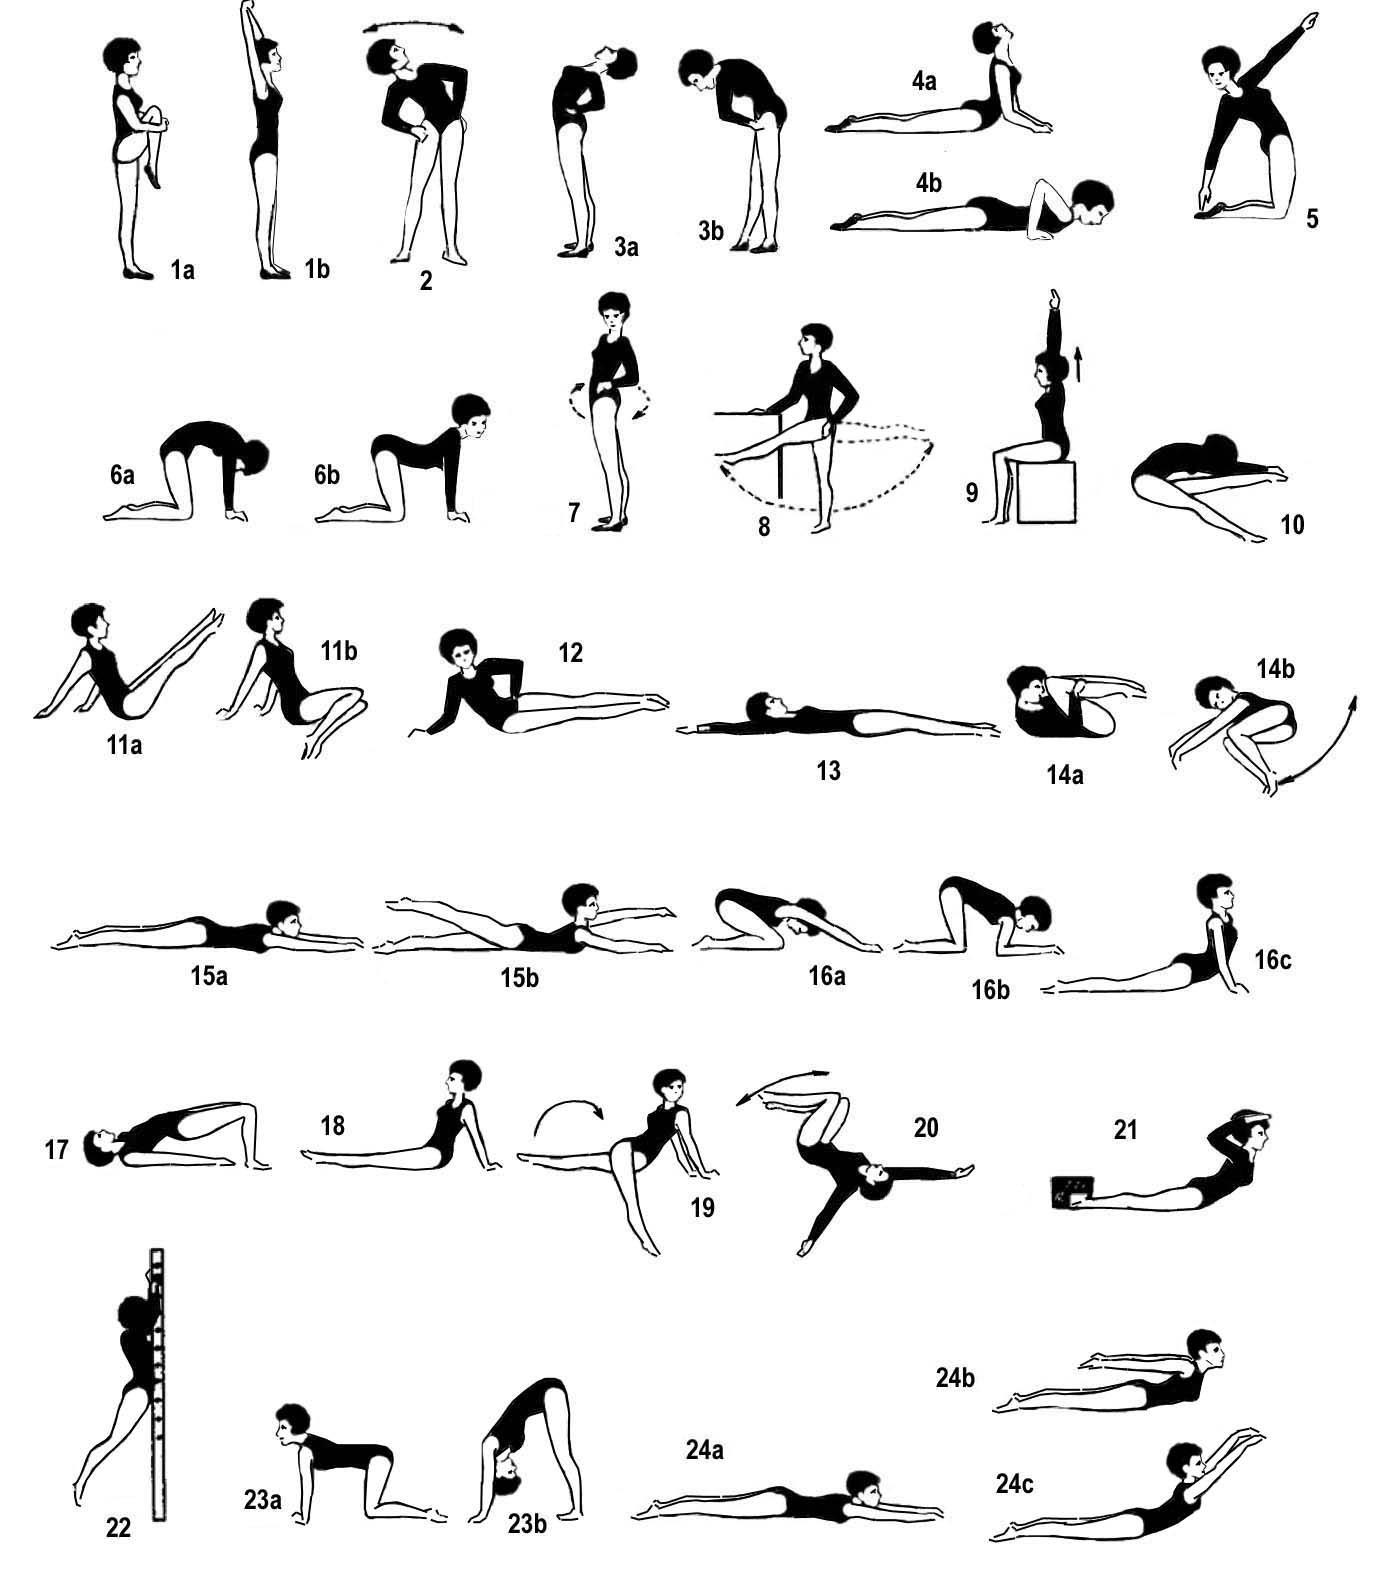 Лечебная гимнастика при остеохондрозе - оздоровительные комплексы упражнений